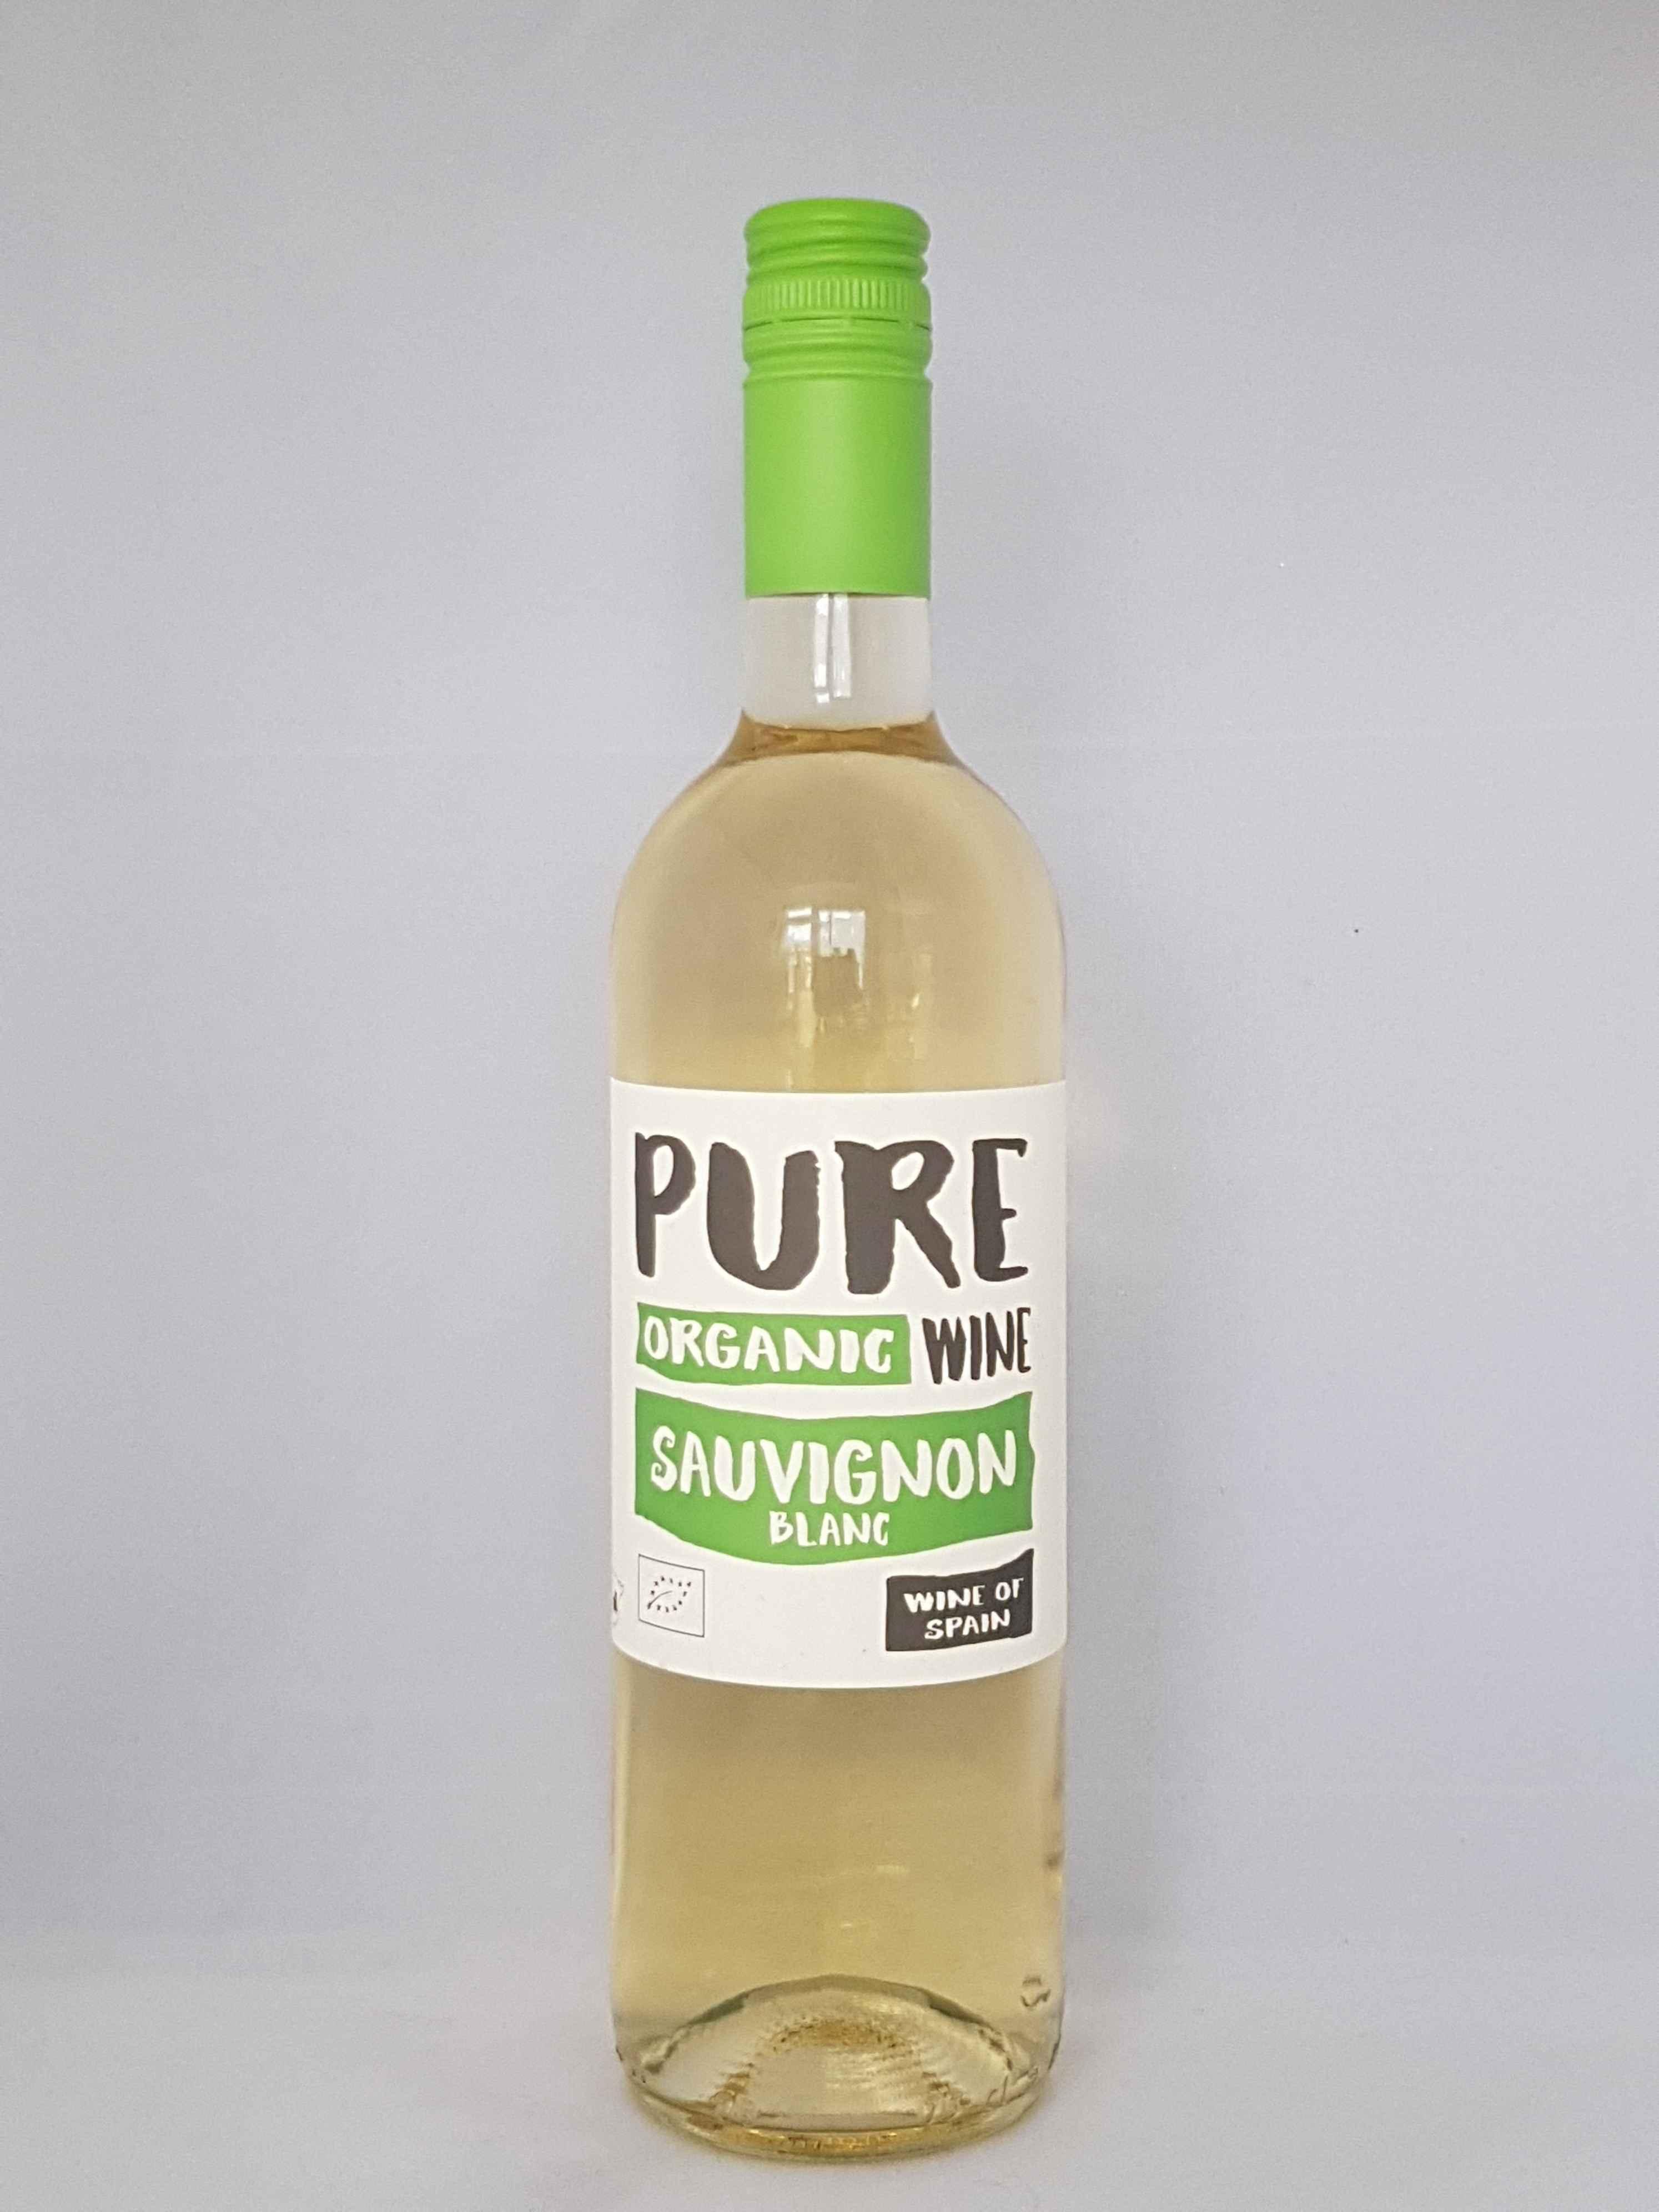 Pure Sauvignon Blanc 2018